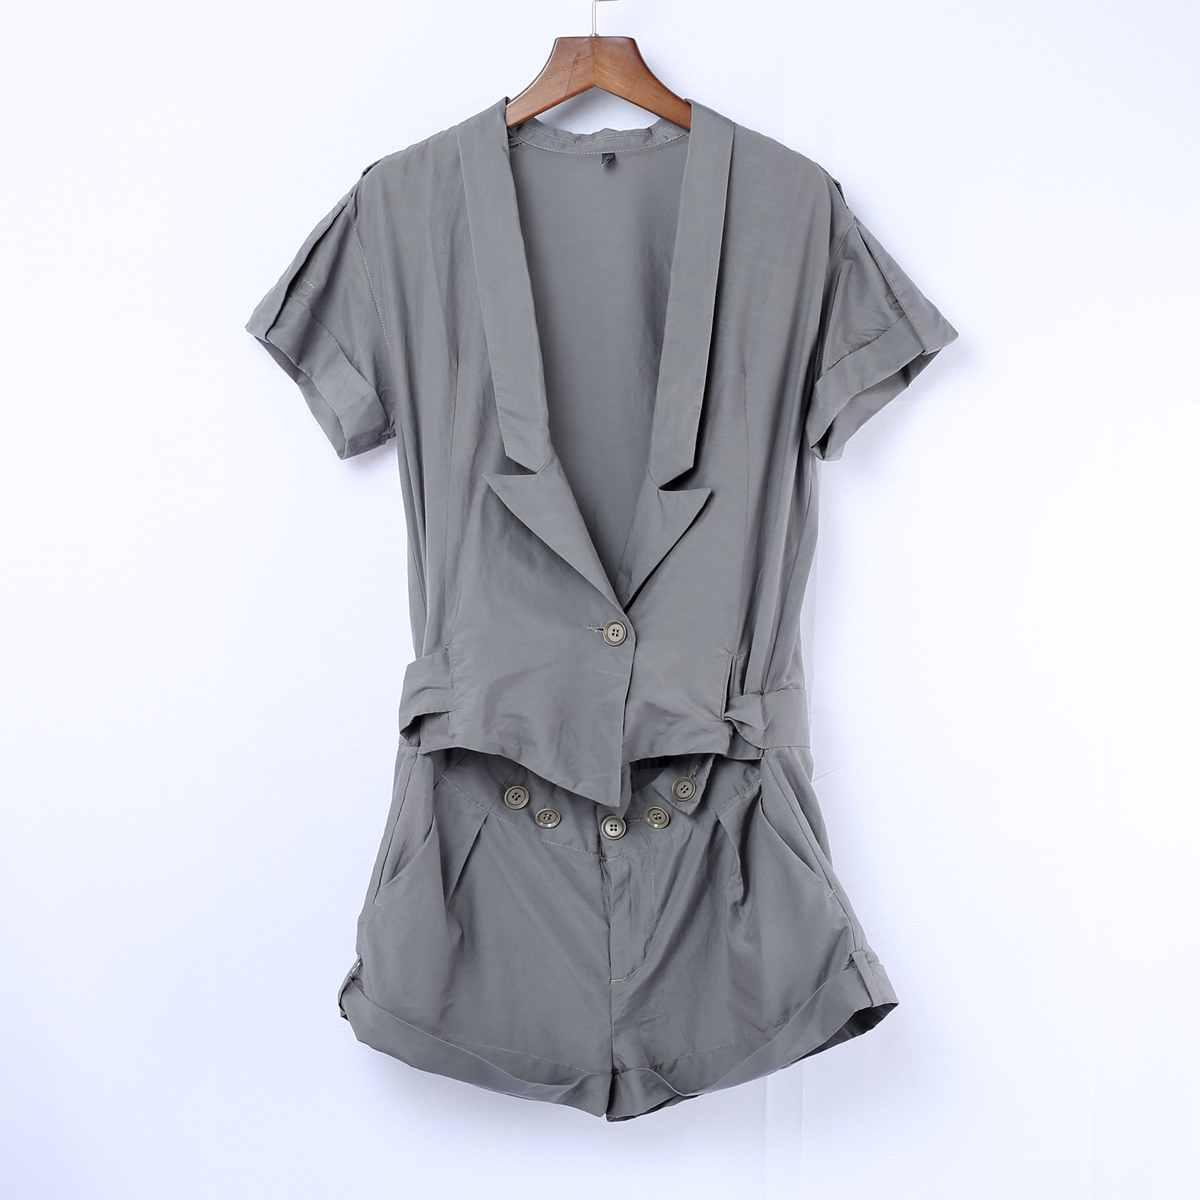 【瑕疵】【剪】老款布衣原创深灰色潮流时尚短袖连身短裤 5A43452